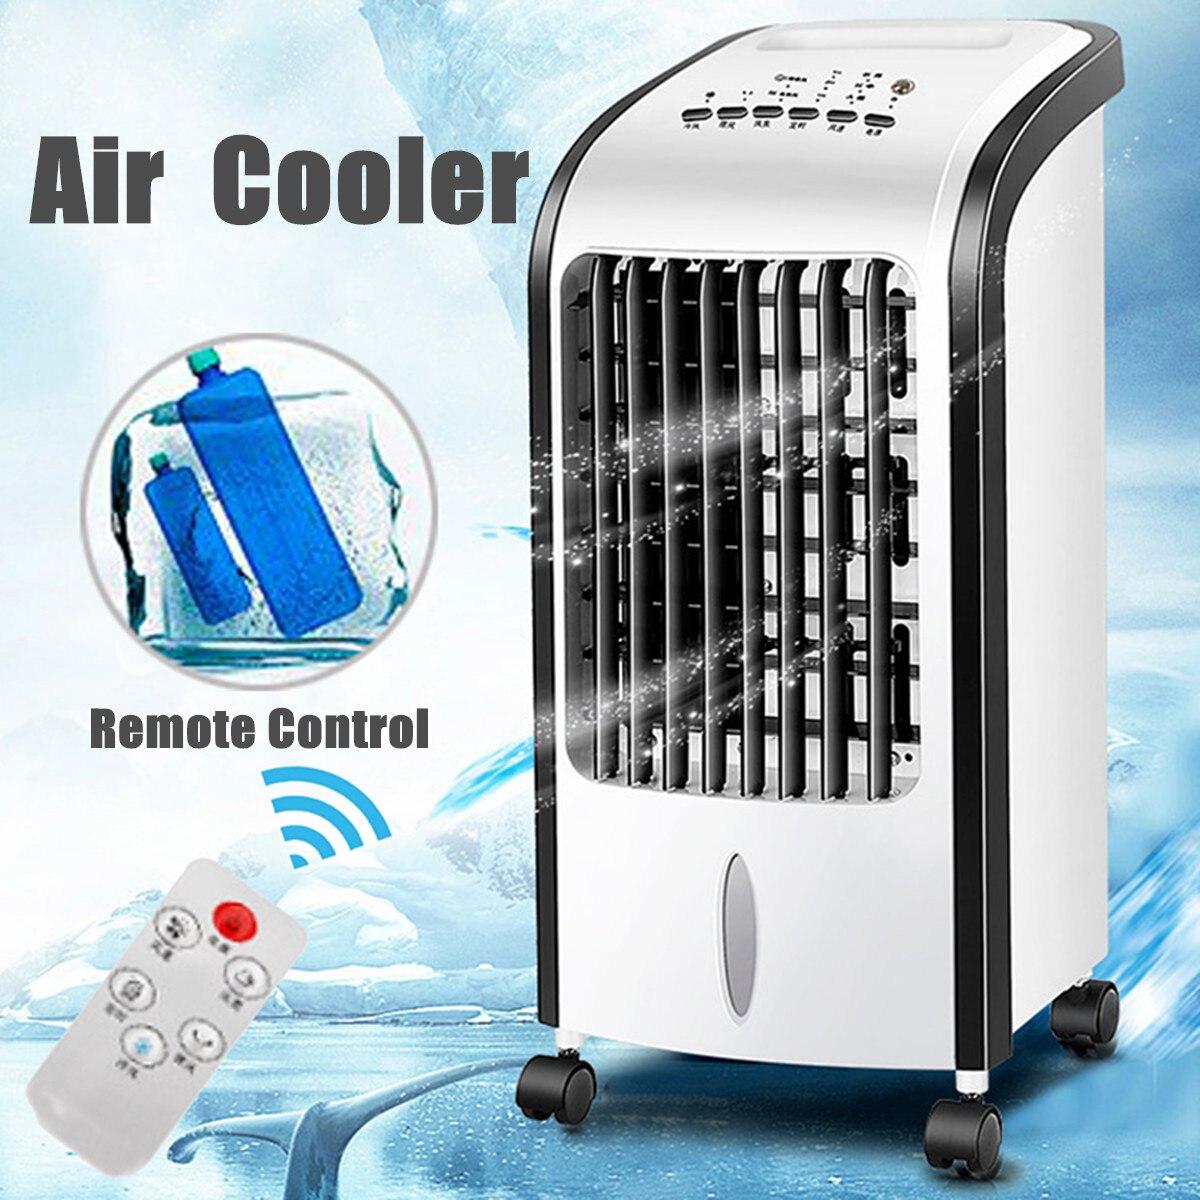 Été Portable climatiseur ventilateur économie d'énergie muet climatiseur évaporatif refroidisseur d'air brumisation bureau ventilateur de refroidissement humidificateur